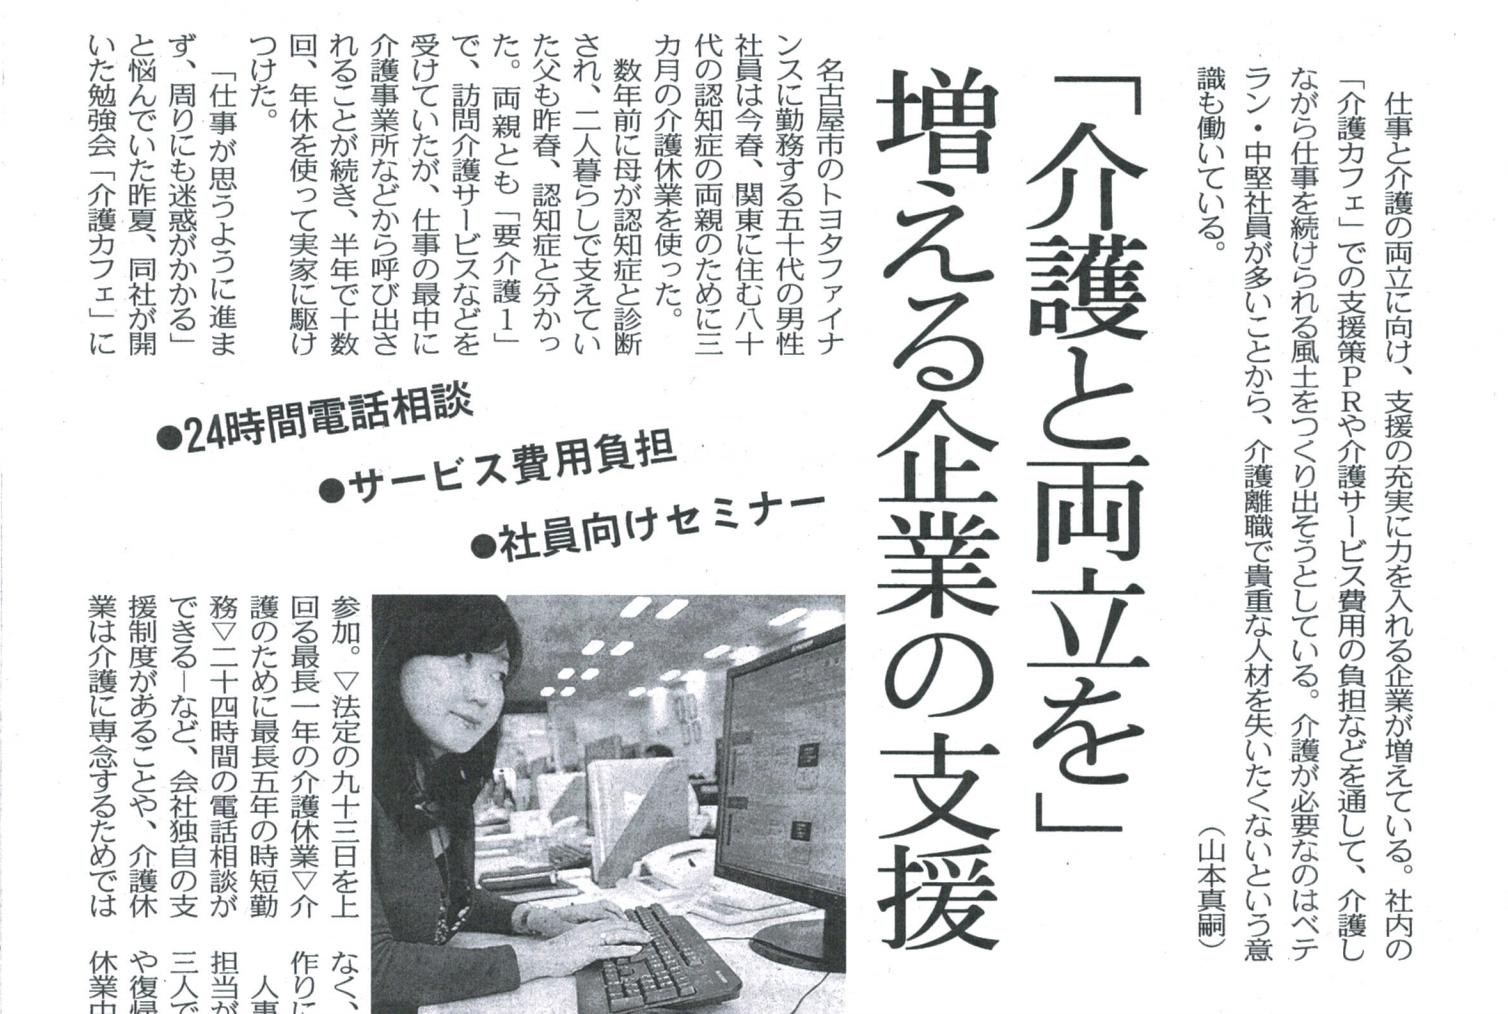 東京新聞・中日新聞『「介護と両立を」 増える企業の支援』